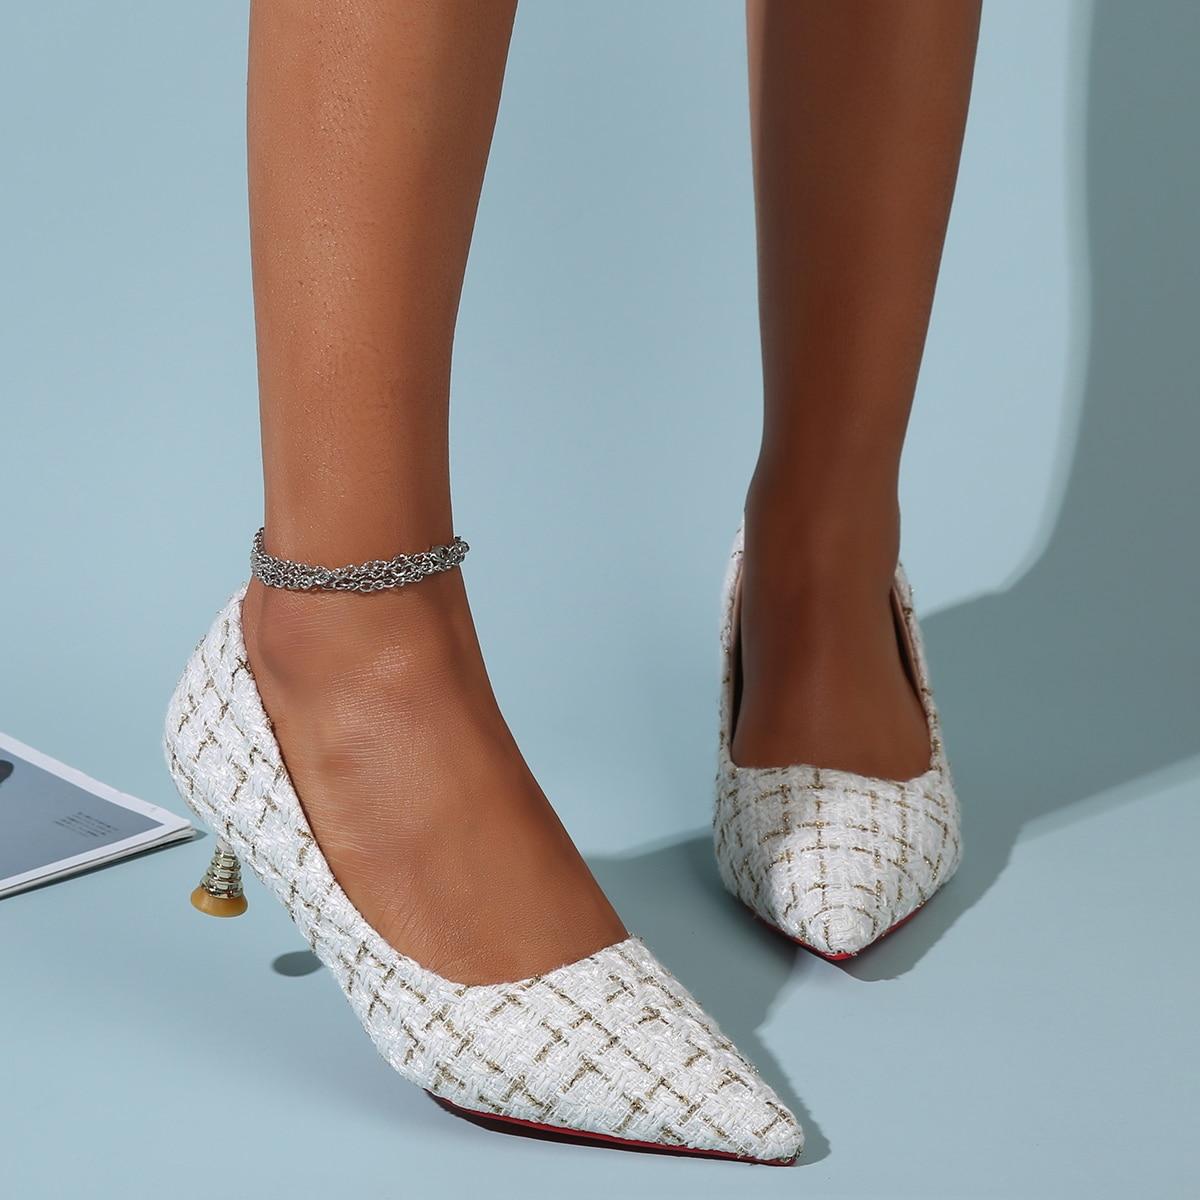 Остроконечные твидовые туфли на среднем каблуке